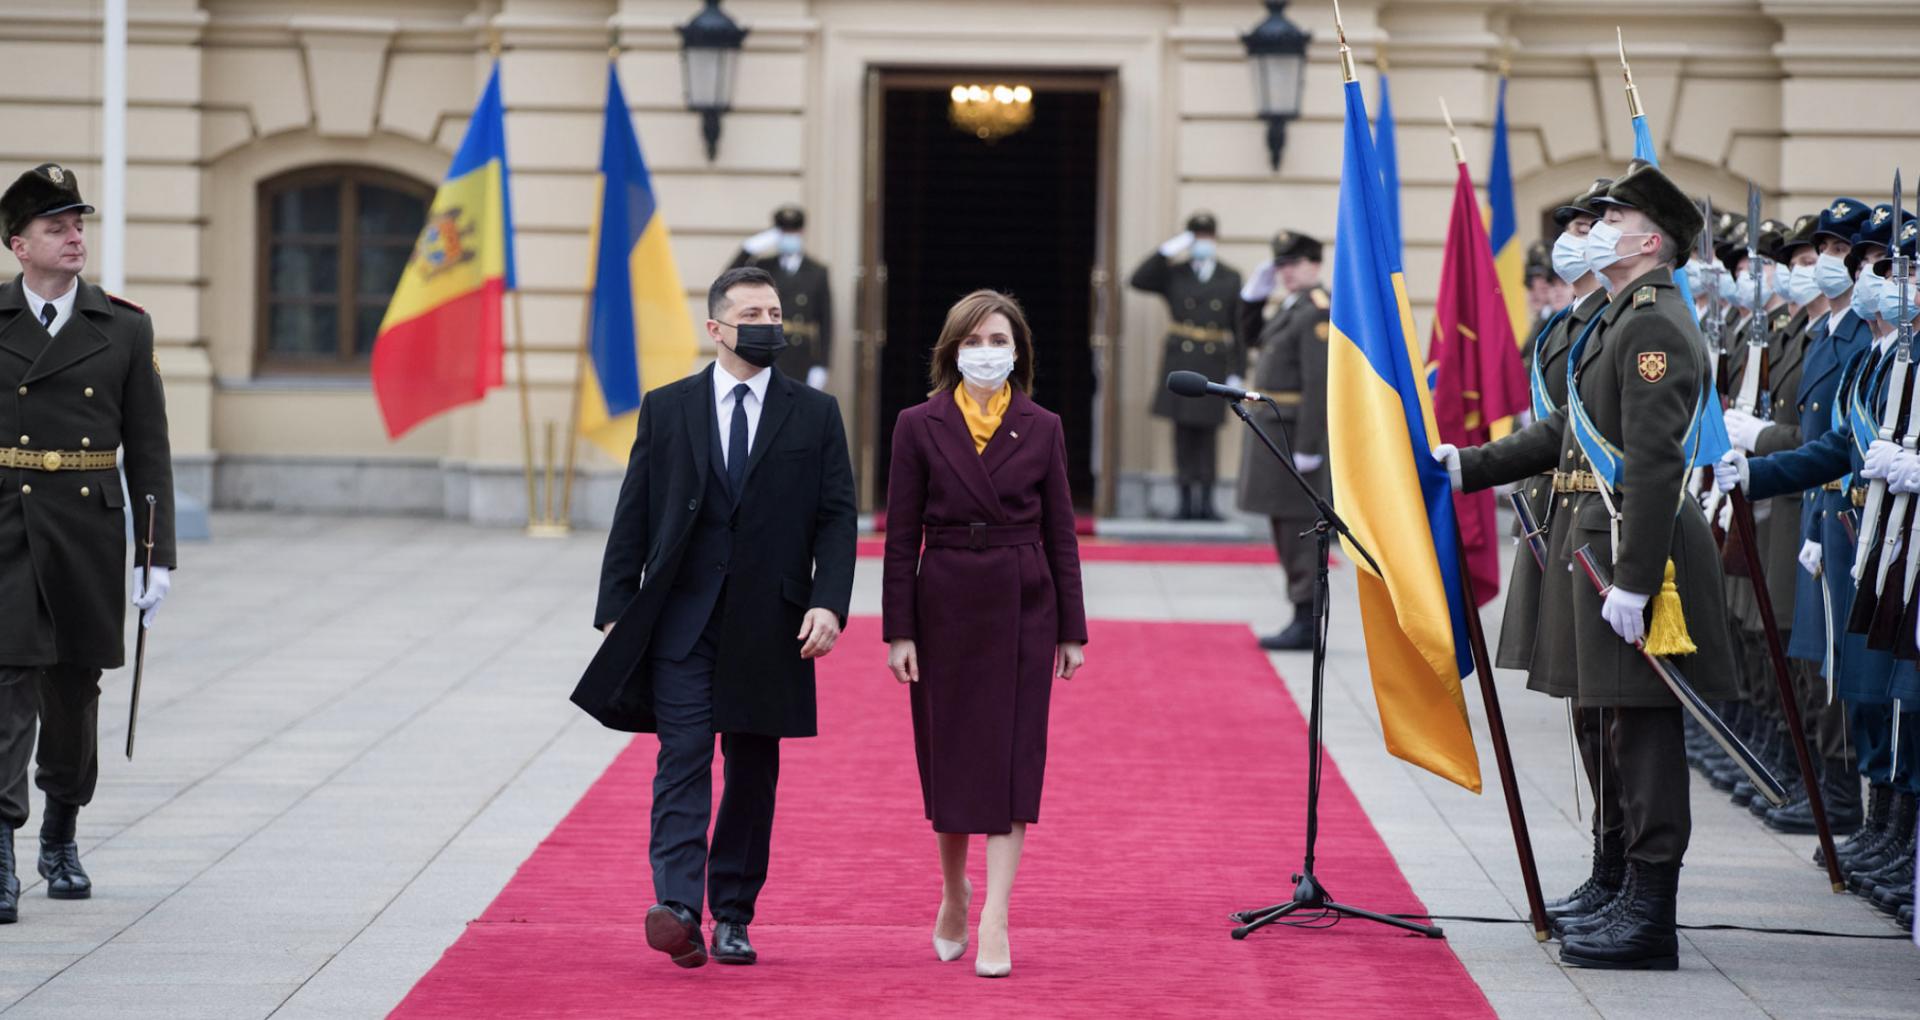 VIDEO/ Pricipalele declarații  făcute de Președinta R. Moldova, Maia Sandu și Președintelui Ucrainei, Vladimir Zelenskiy. A fost semnat un acord bilateral